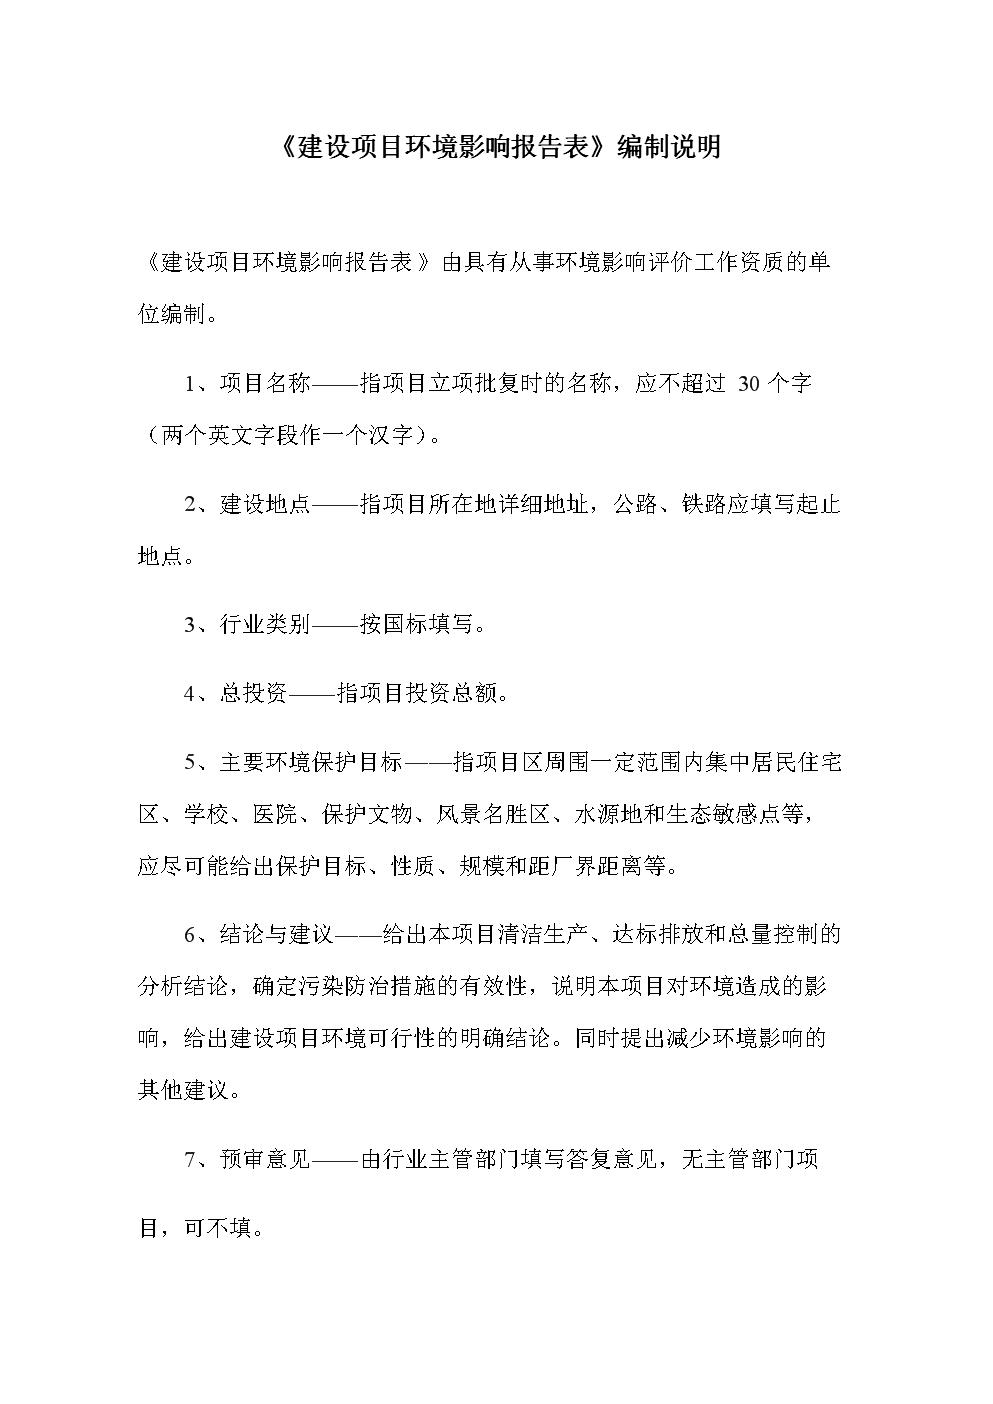 年产300套定制展柜项目(峰安商业道具公司)环境影响报告.docx